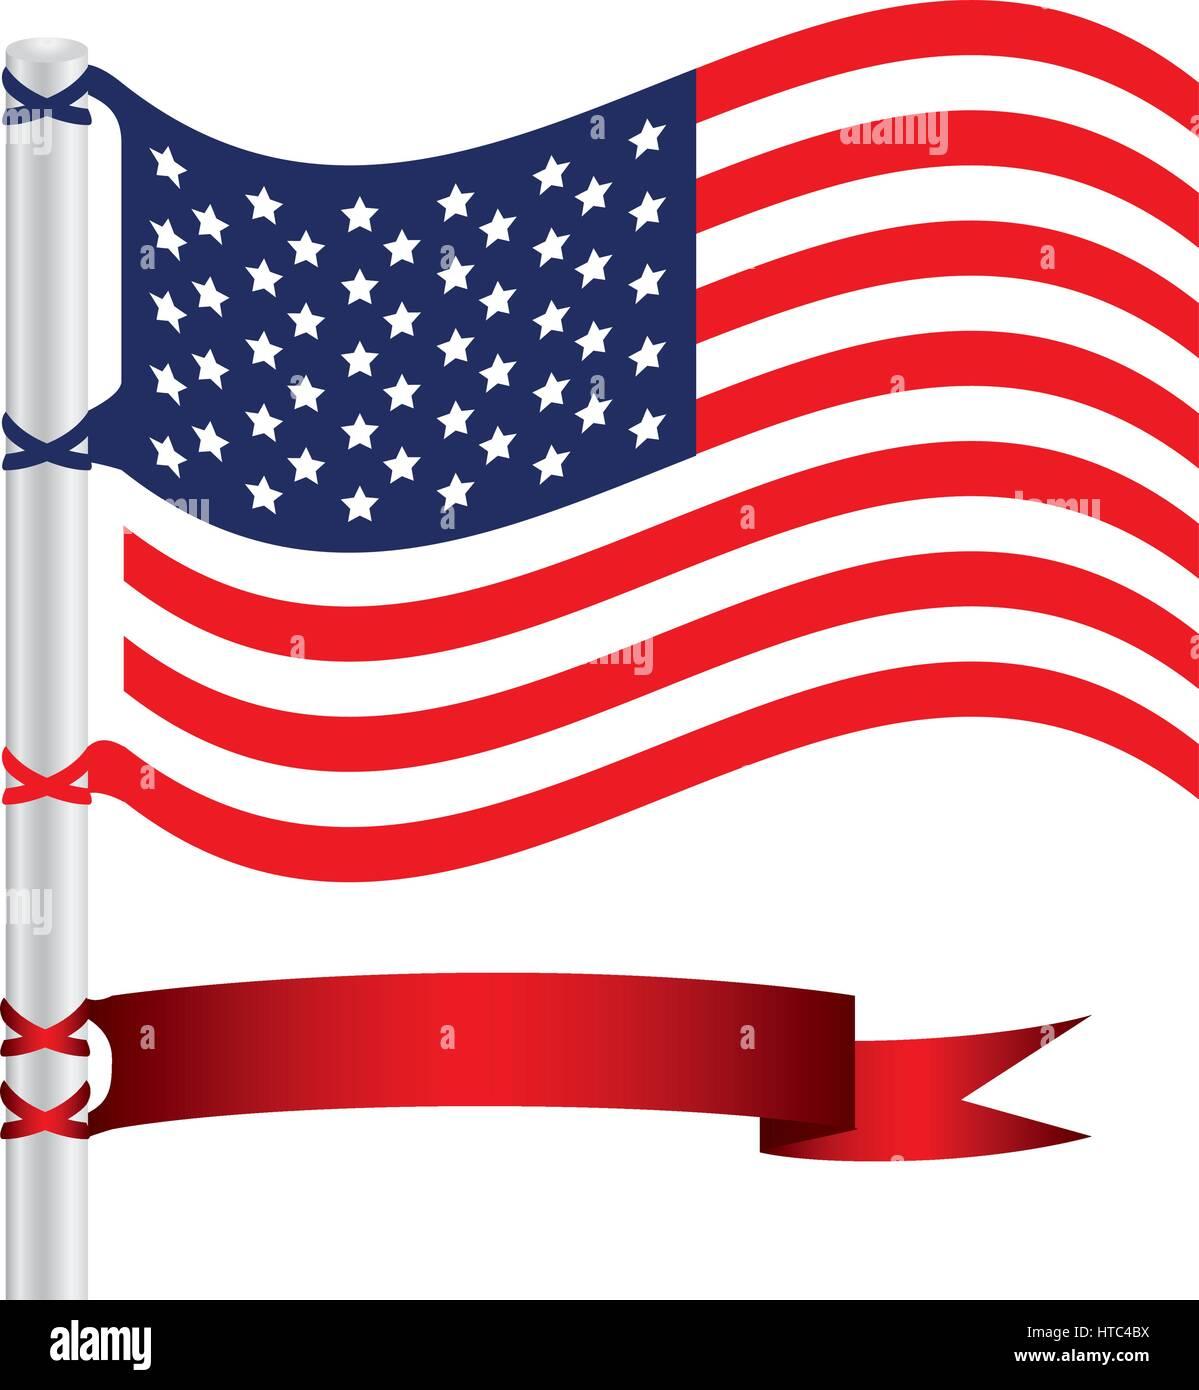 Großzügig Flagge Der Vereinigten Staaten Färbung Seite Fotos ...